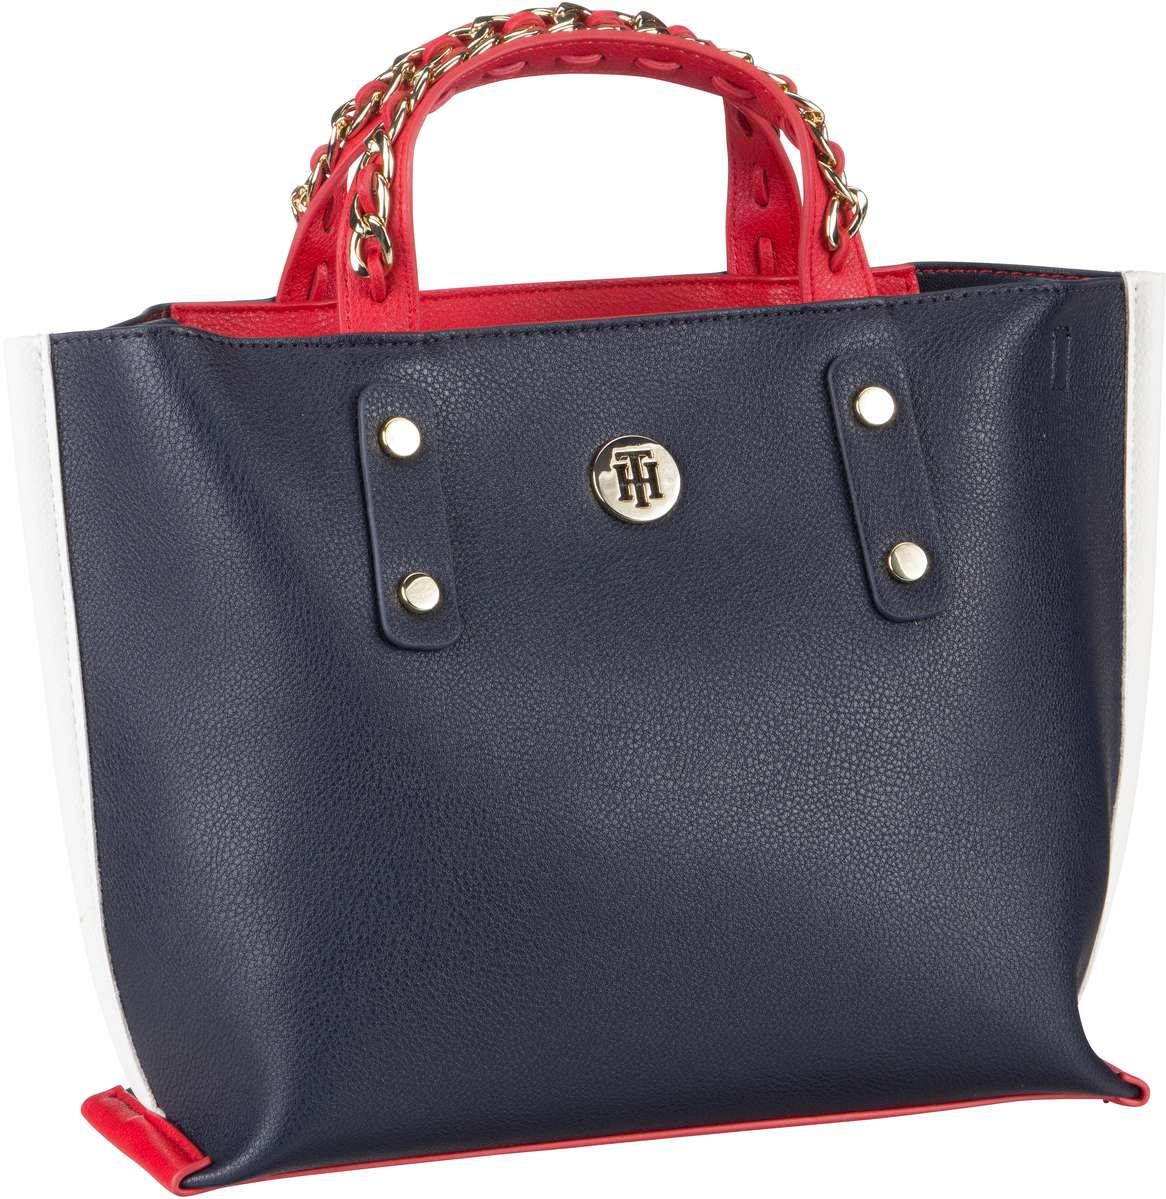 Handtaschen für Frauen - Tommy Hilfiger Handtasche Tommy Chain SM Tote 5462 Tommy Navy  - Onlineshop Taschenkaufhaus